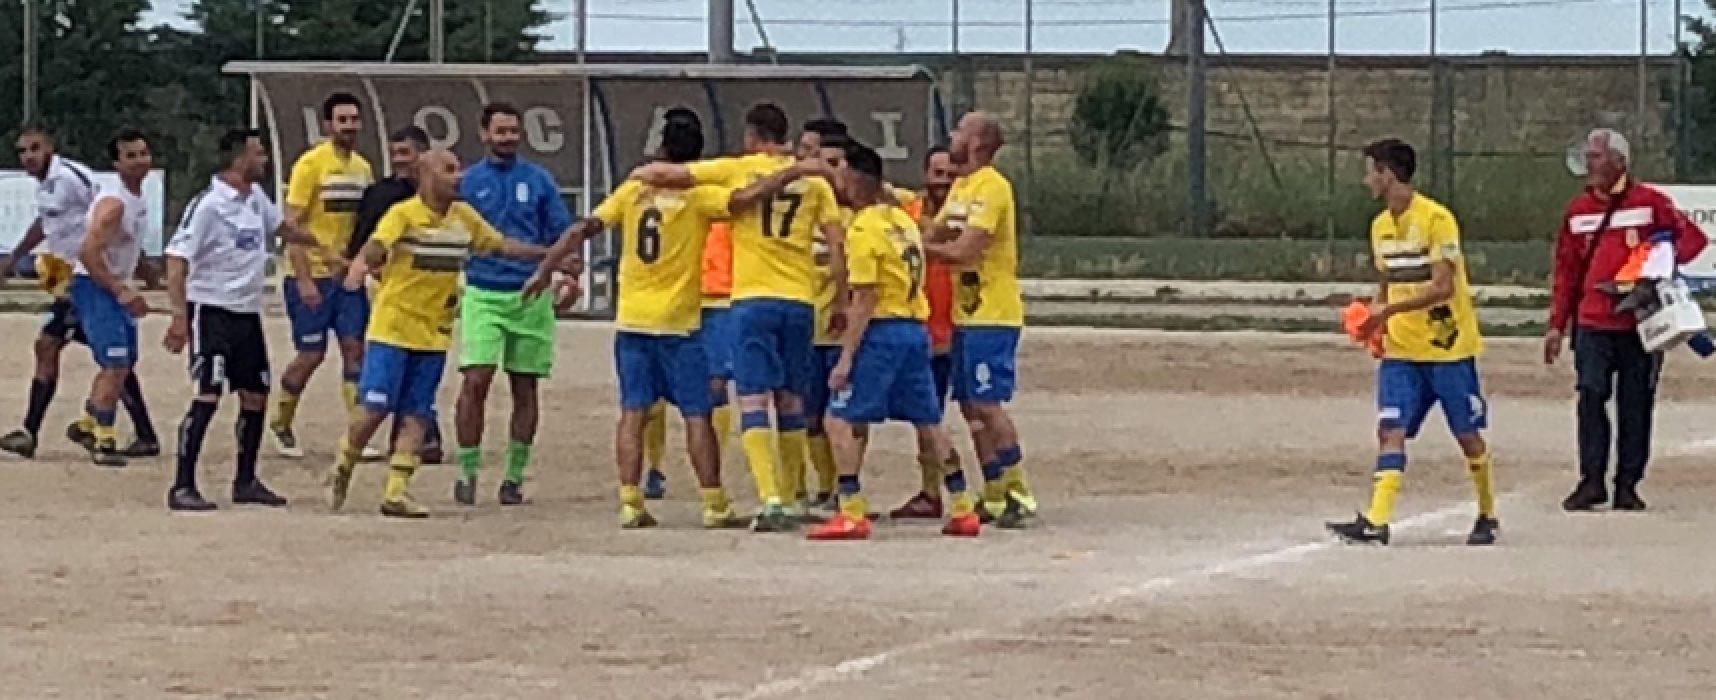 Il Don Uva espugna Stornarella e vince il campionato, terza promozione consecutiva!